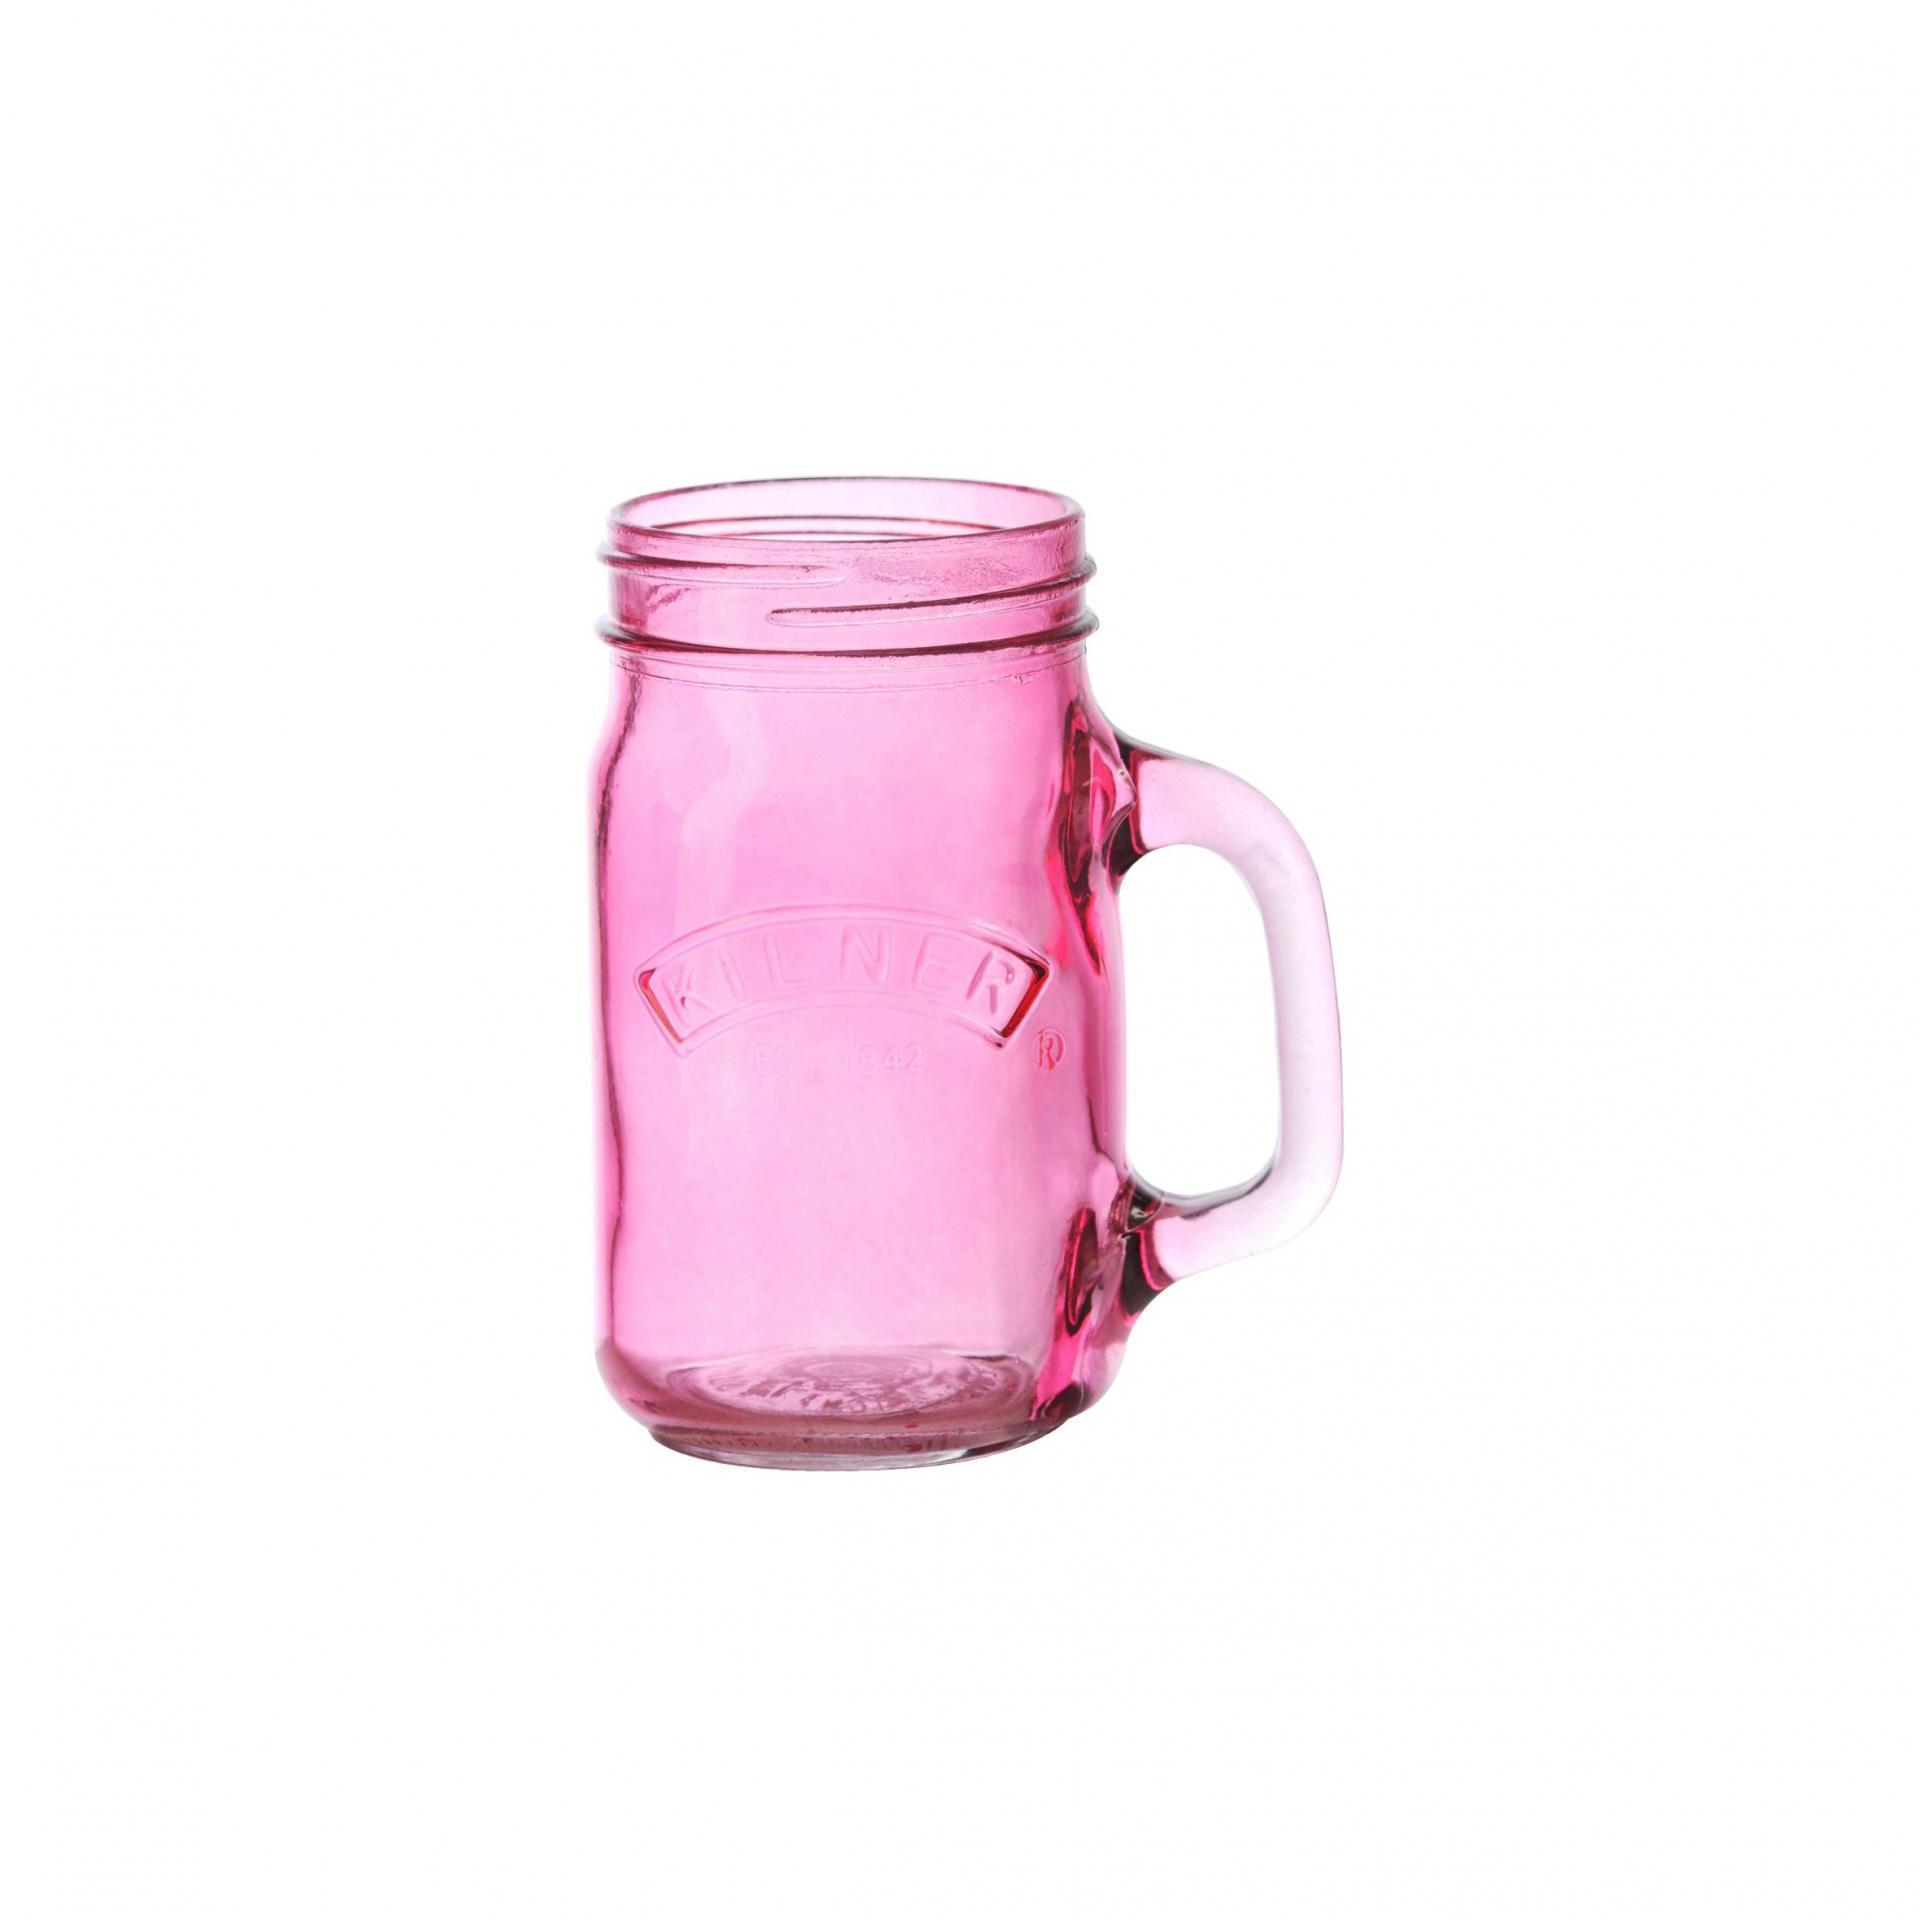 KILNER Sklenice s uchem Pink 350 ml, růžová barva, sklo